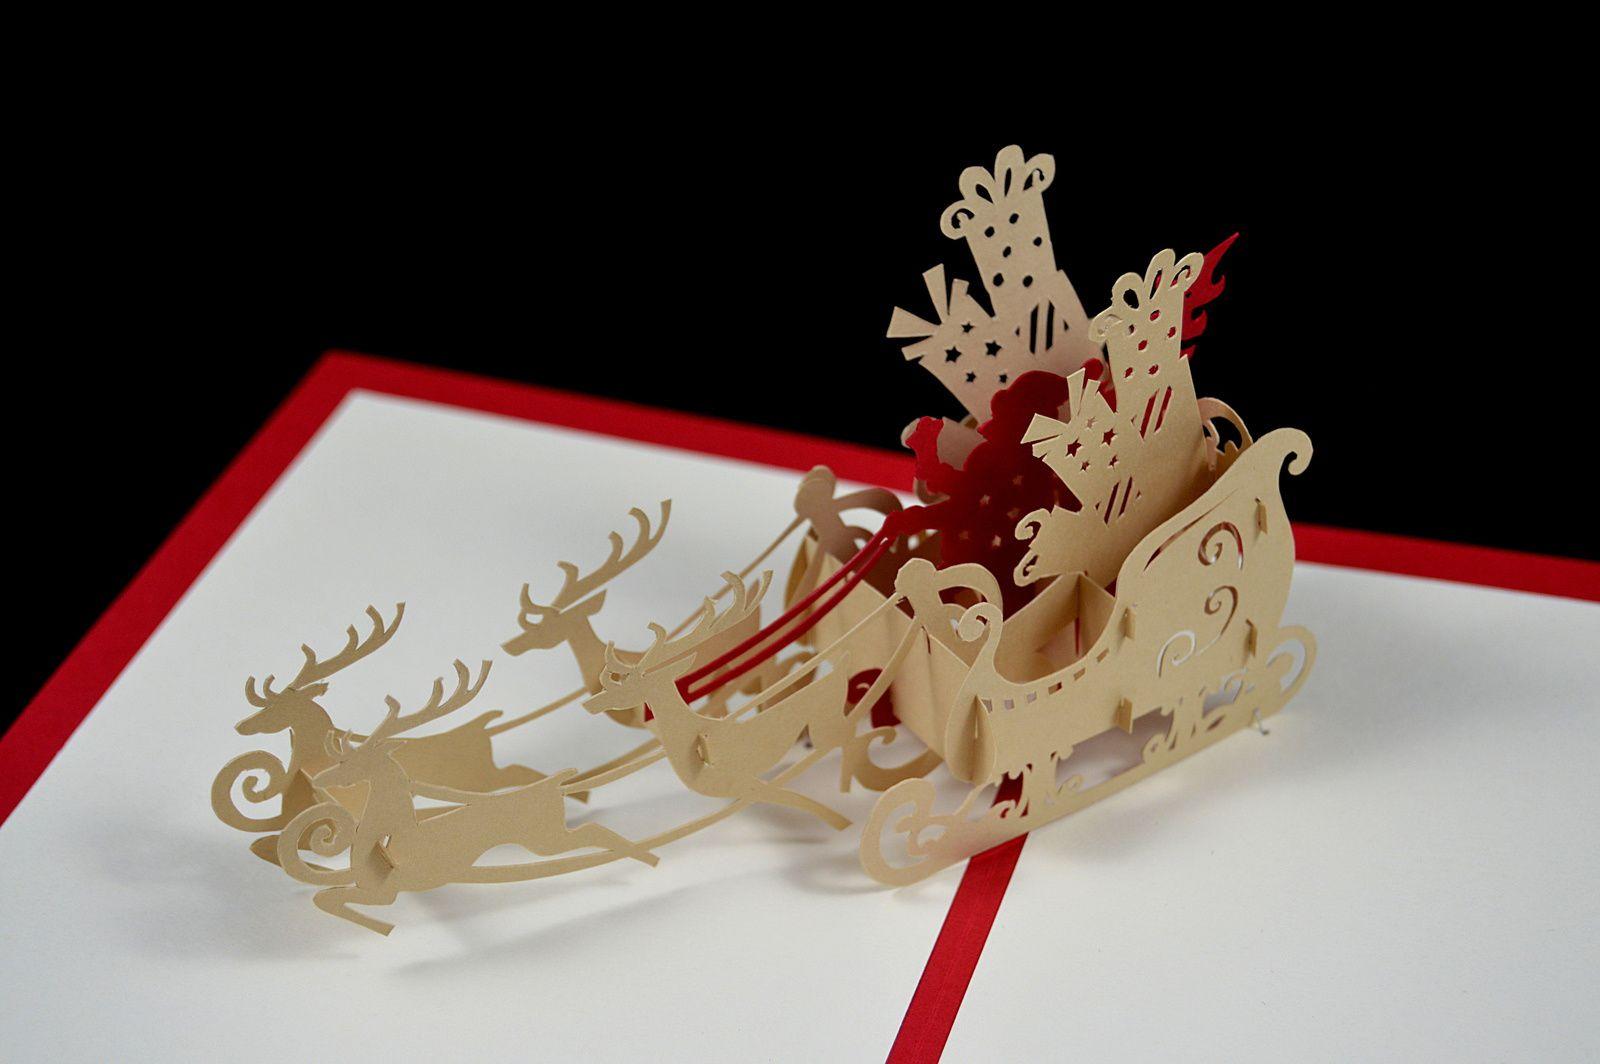 Sur la couverture se trouve un père Noël (avec des yeux Kawaii) en pliage dont vous trouverez le tutoriel ci-dessous*. Les couleurs utilisées sont rouge et ivoire de pollen de chez clairefontaine.